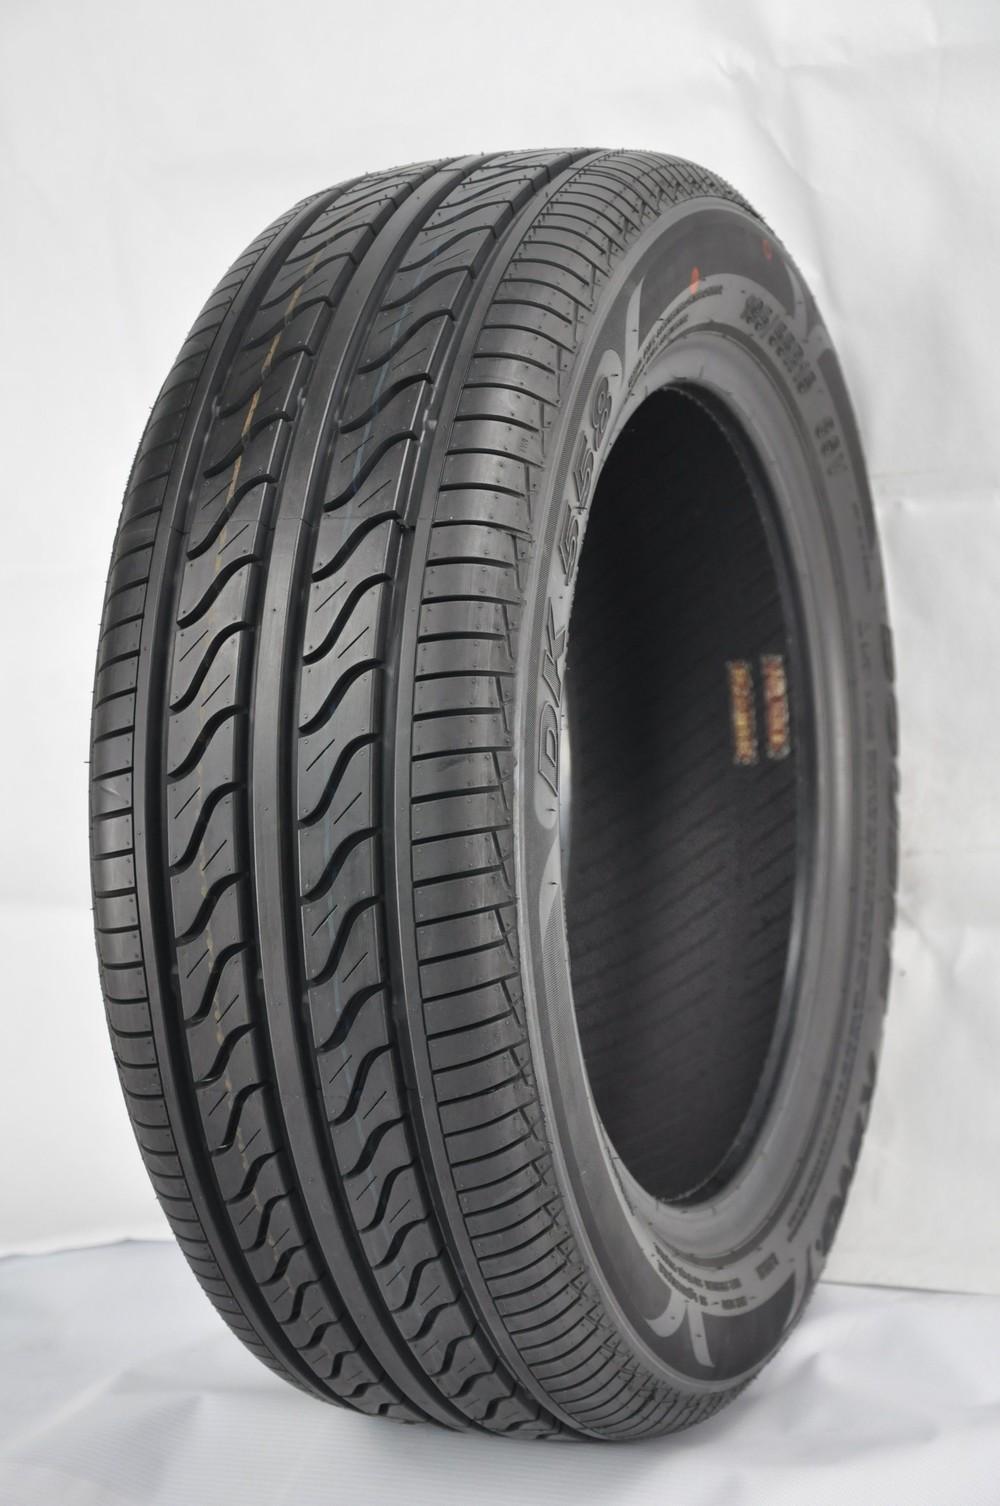 Annaite Hilo Promotional Warranty Car Tire Manufacturer